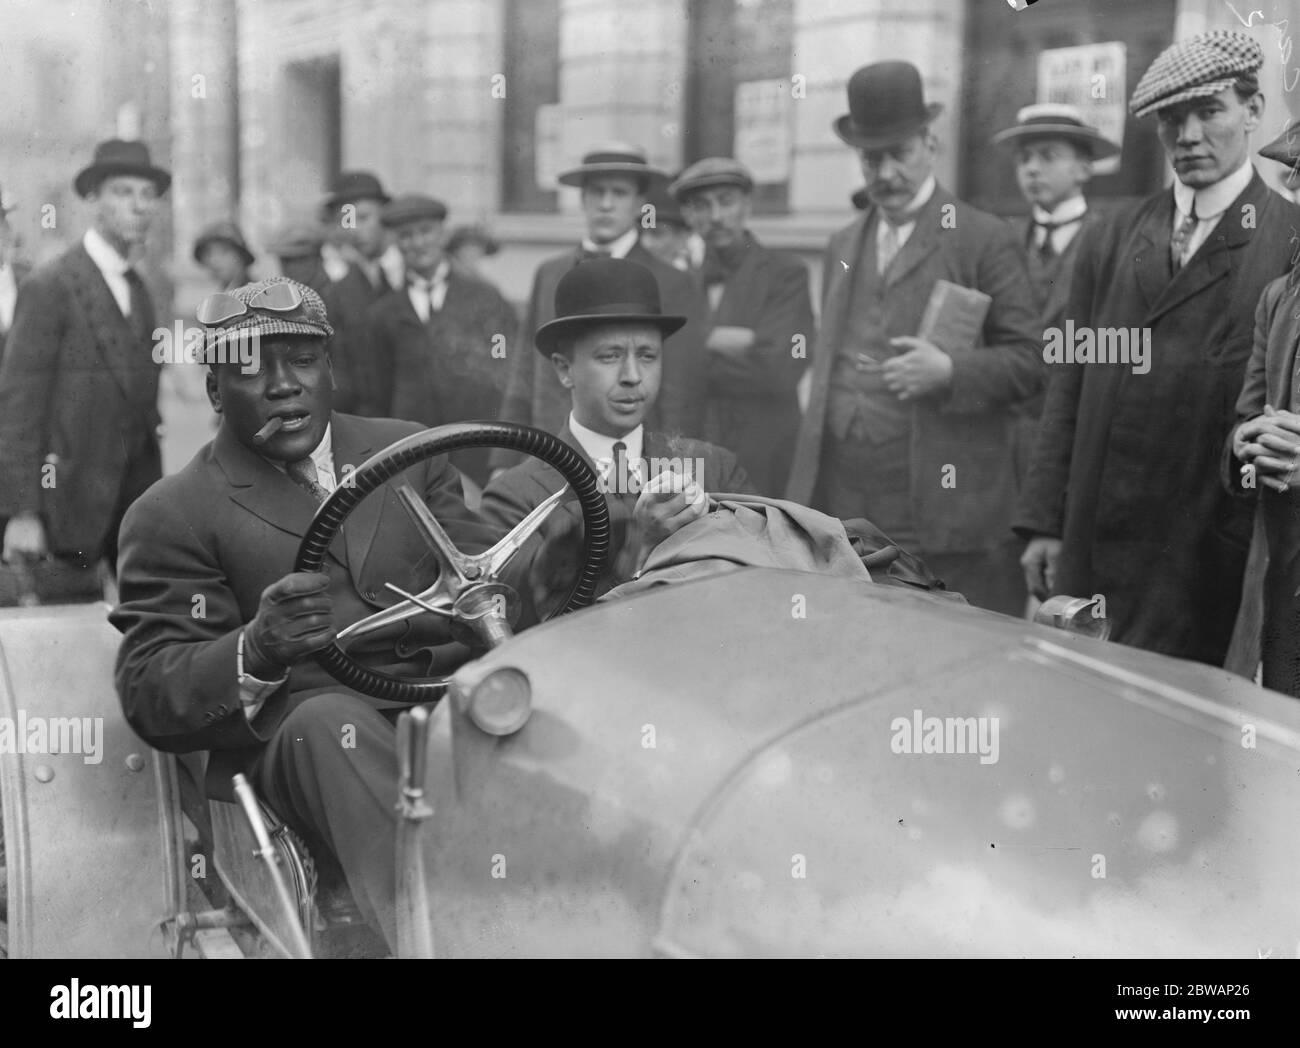 Jack Johnson en su coche . John Arthur ( Jack ) Johnson ( Marzo 31 1878 Ð Junio 10 1946 ), apodado el Ò Galveston Giant, Ó fue un boxeador estadounidense. En el apogeo de la era Jim Crow, Johnson se convirtió en el primer campeón mundial de peso pesado de África ( 1908Ð1915 ). Foto de stock